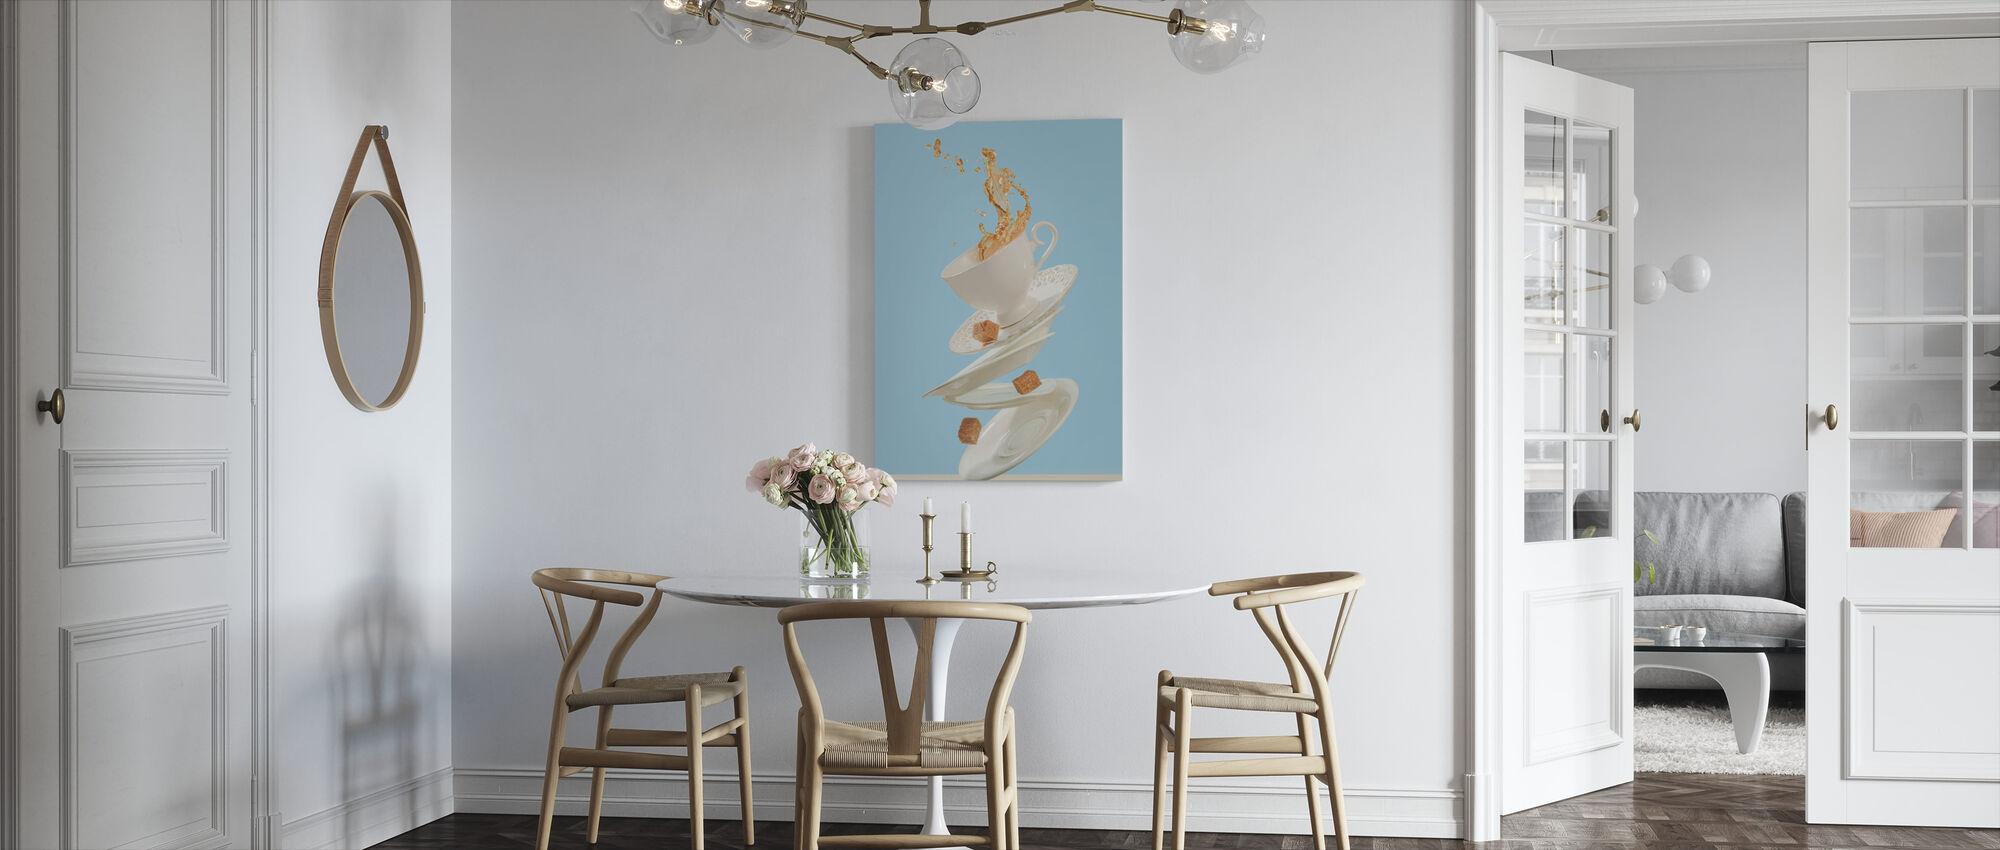 Koffie voor een podium goochelaar - Canvas print - Keuken